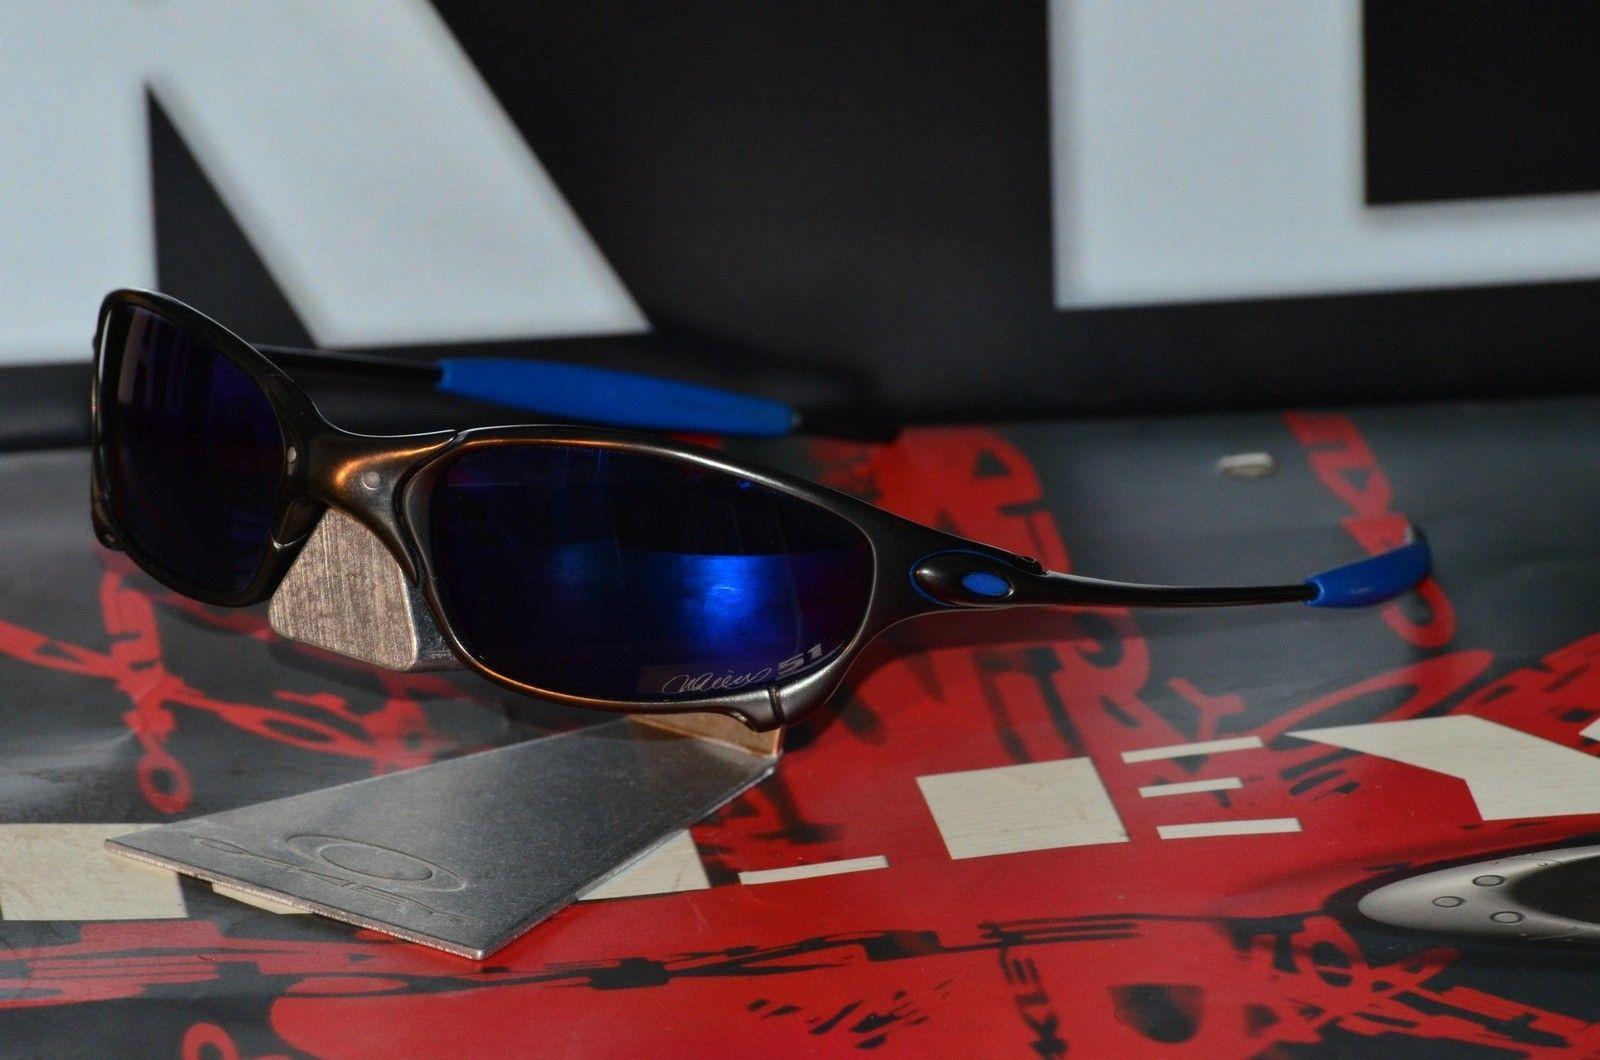 Or WTT Juliet Ichiro Suzuki Signature Sunglasses - 8223853210_8231146043_o.jpg